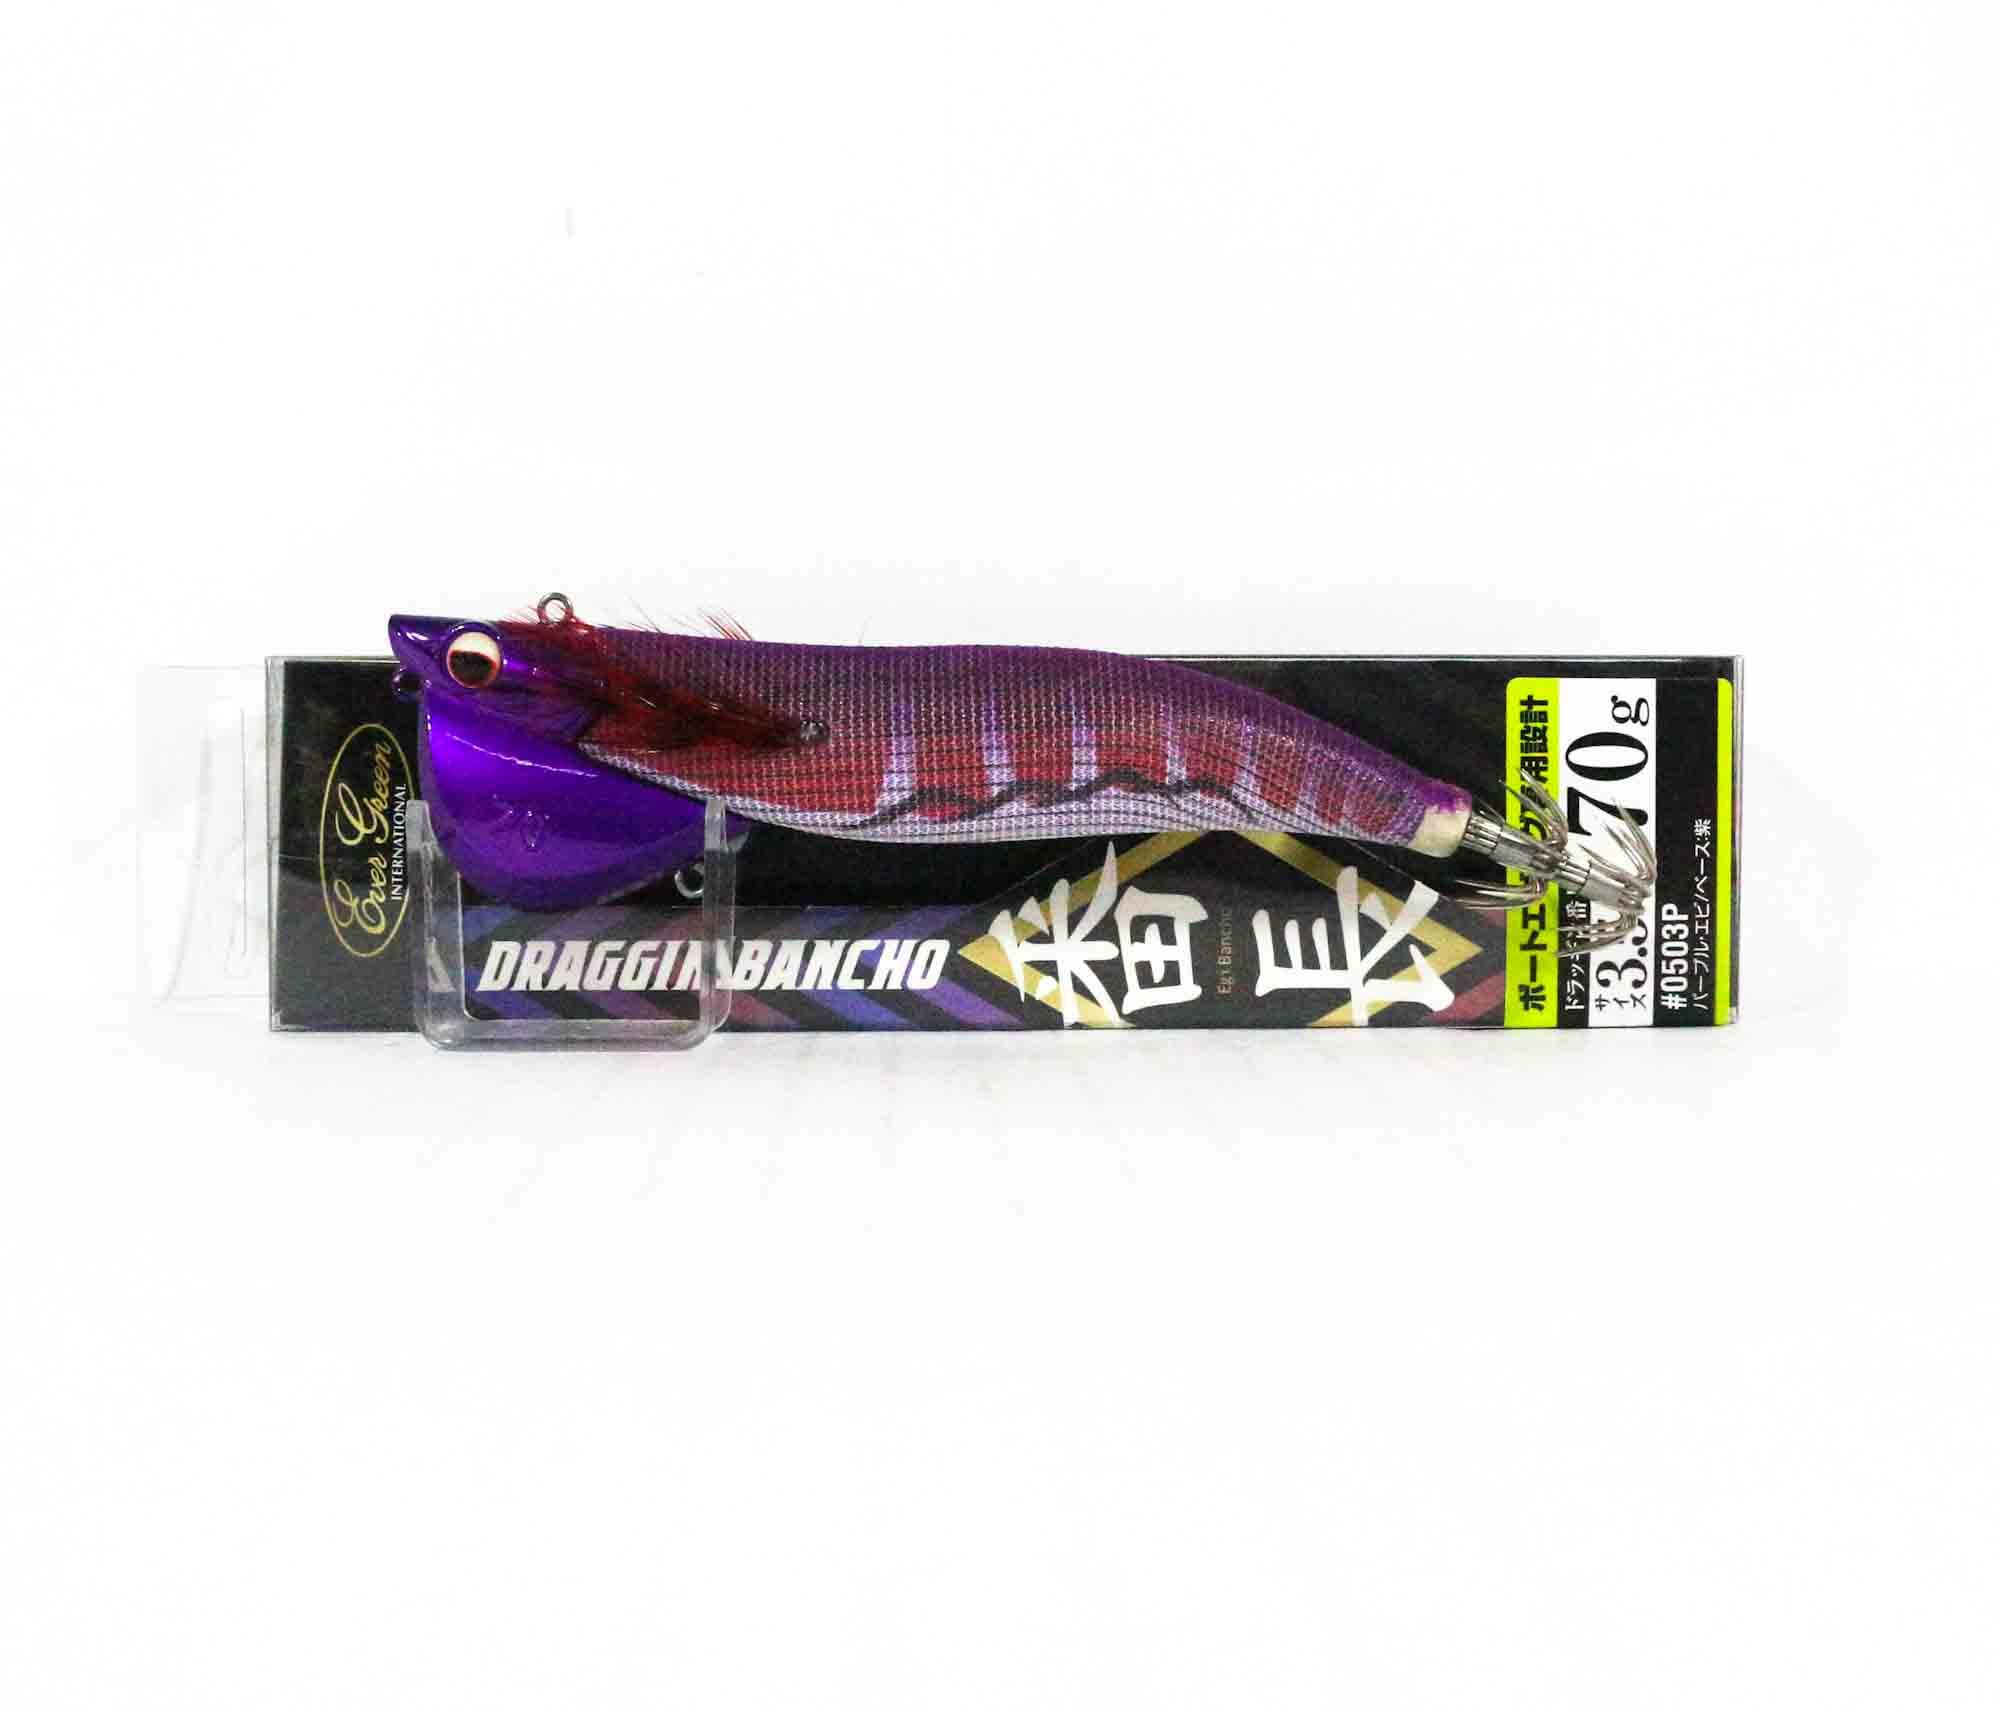 Evergreen Draggin Bancho Squid Jig Lure 3.5 70 grams 0503P (0770)